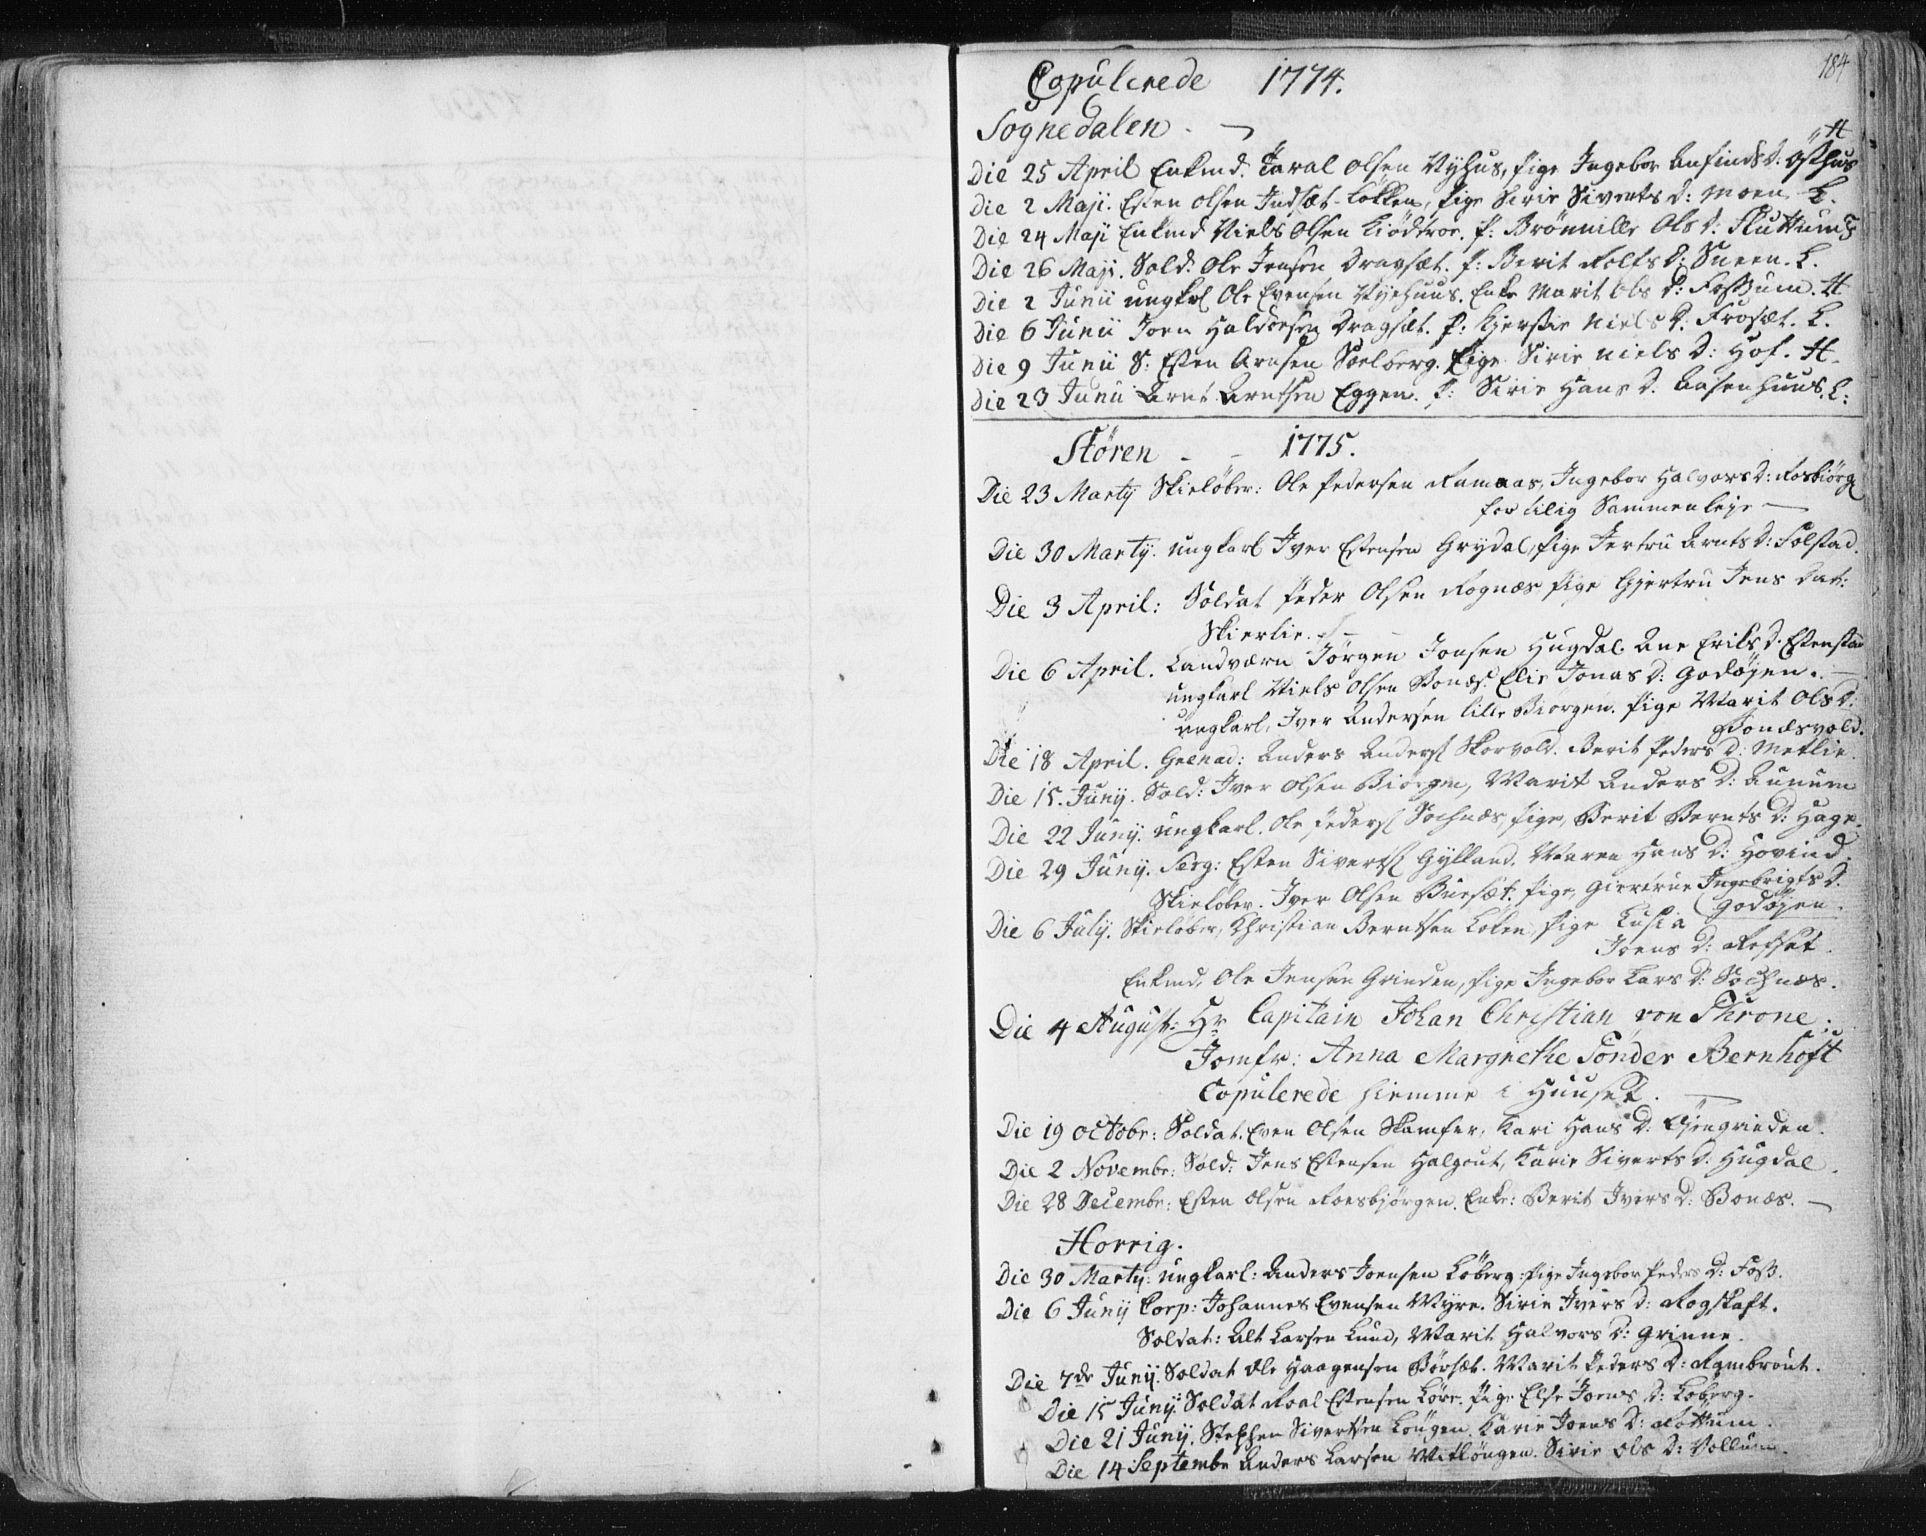 SAT, Ministerialprotokoller, klokkerbøker og fødselsregistre - Sør-Trøndelag, 687/L0991: Ministerialbok nr. 687A02, 1747-1790, s. 184